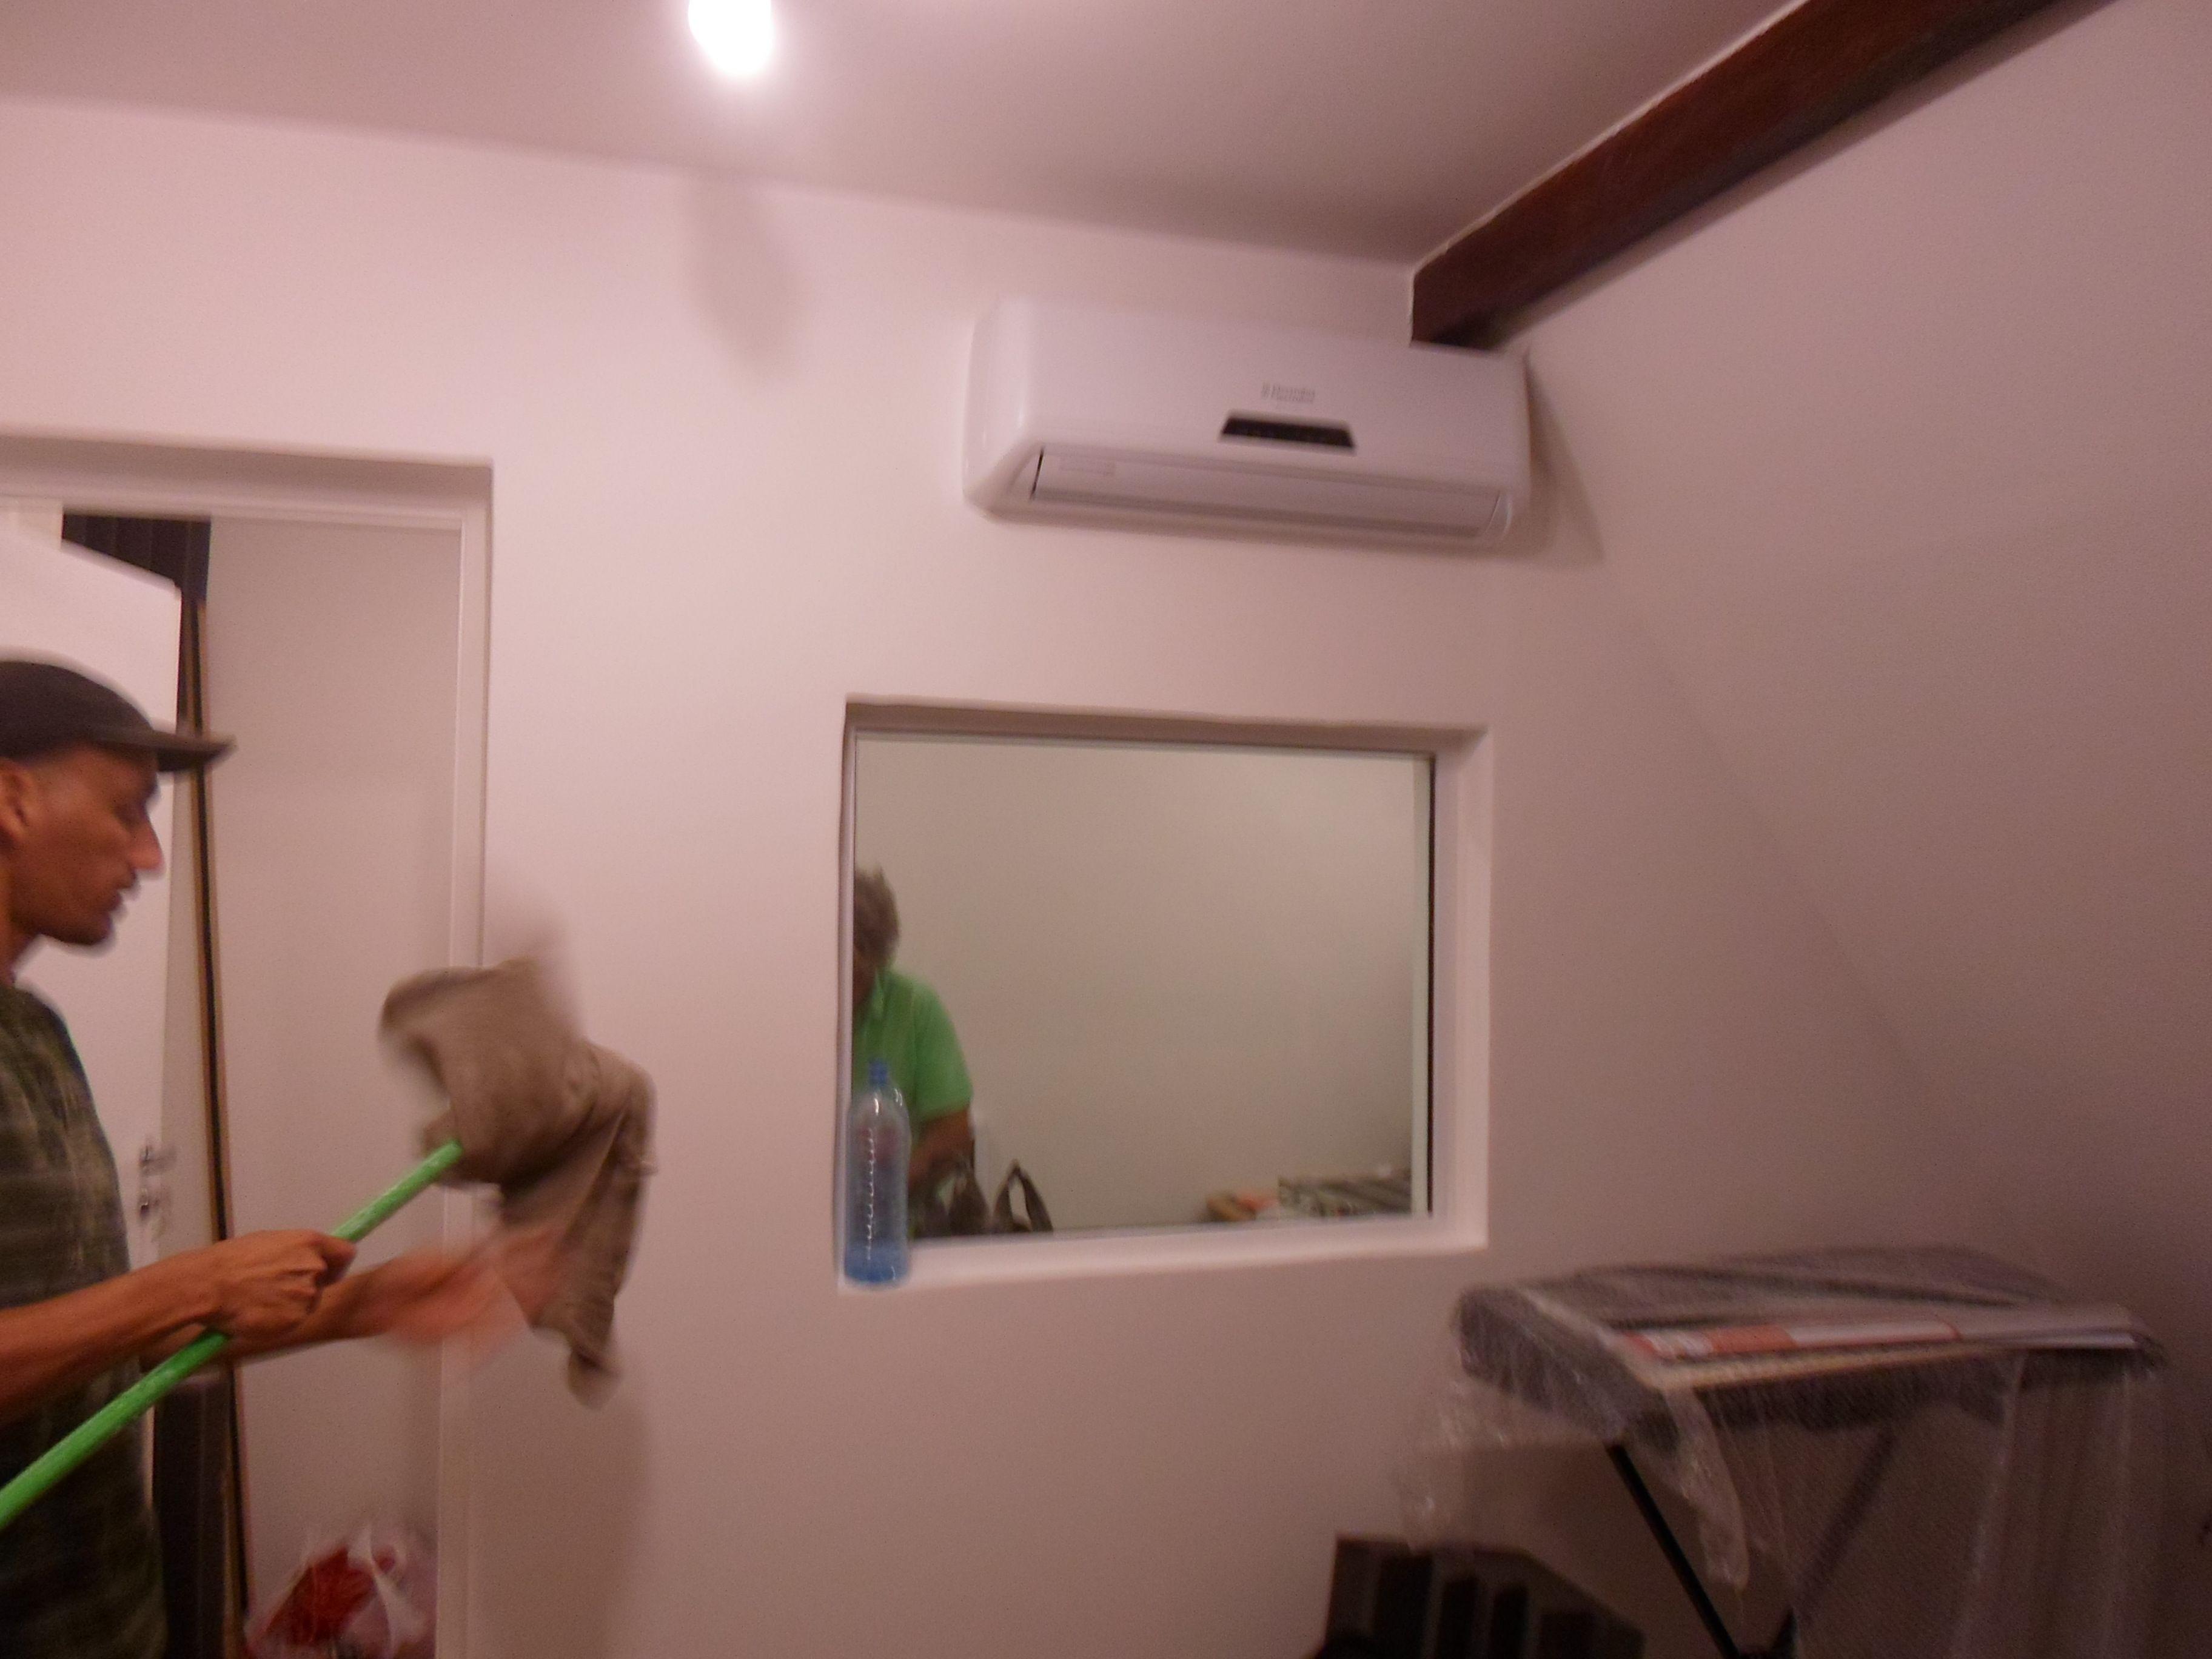 Construção de estúdios com parede em gesso cartonado. Paredes e teto acústicos, portas acústicas, vidros acústicos em quadro fixo que divida o ambiente e piso acústico.